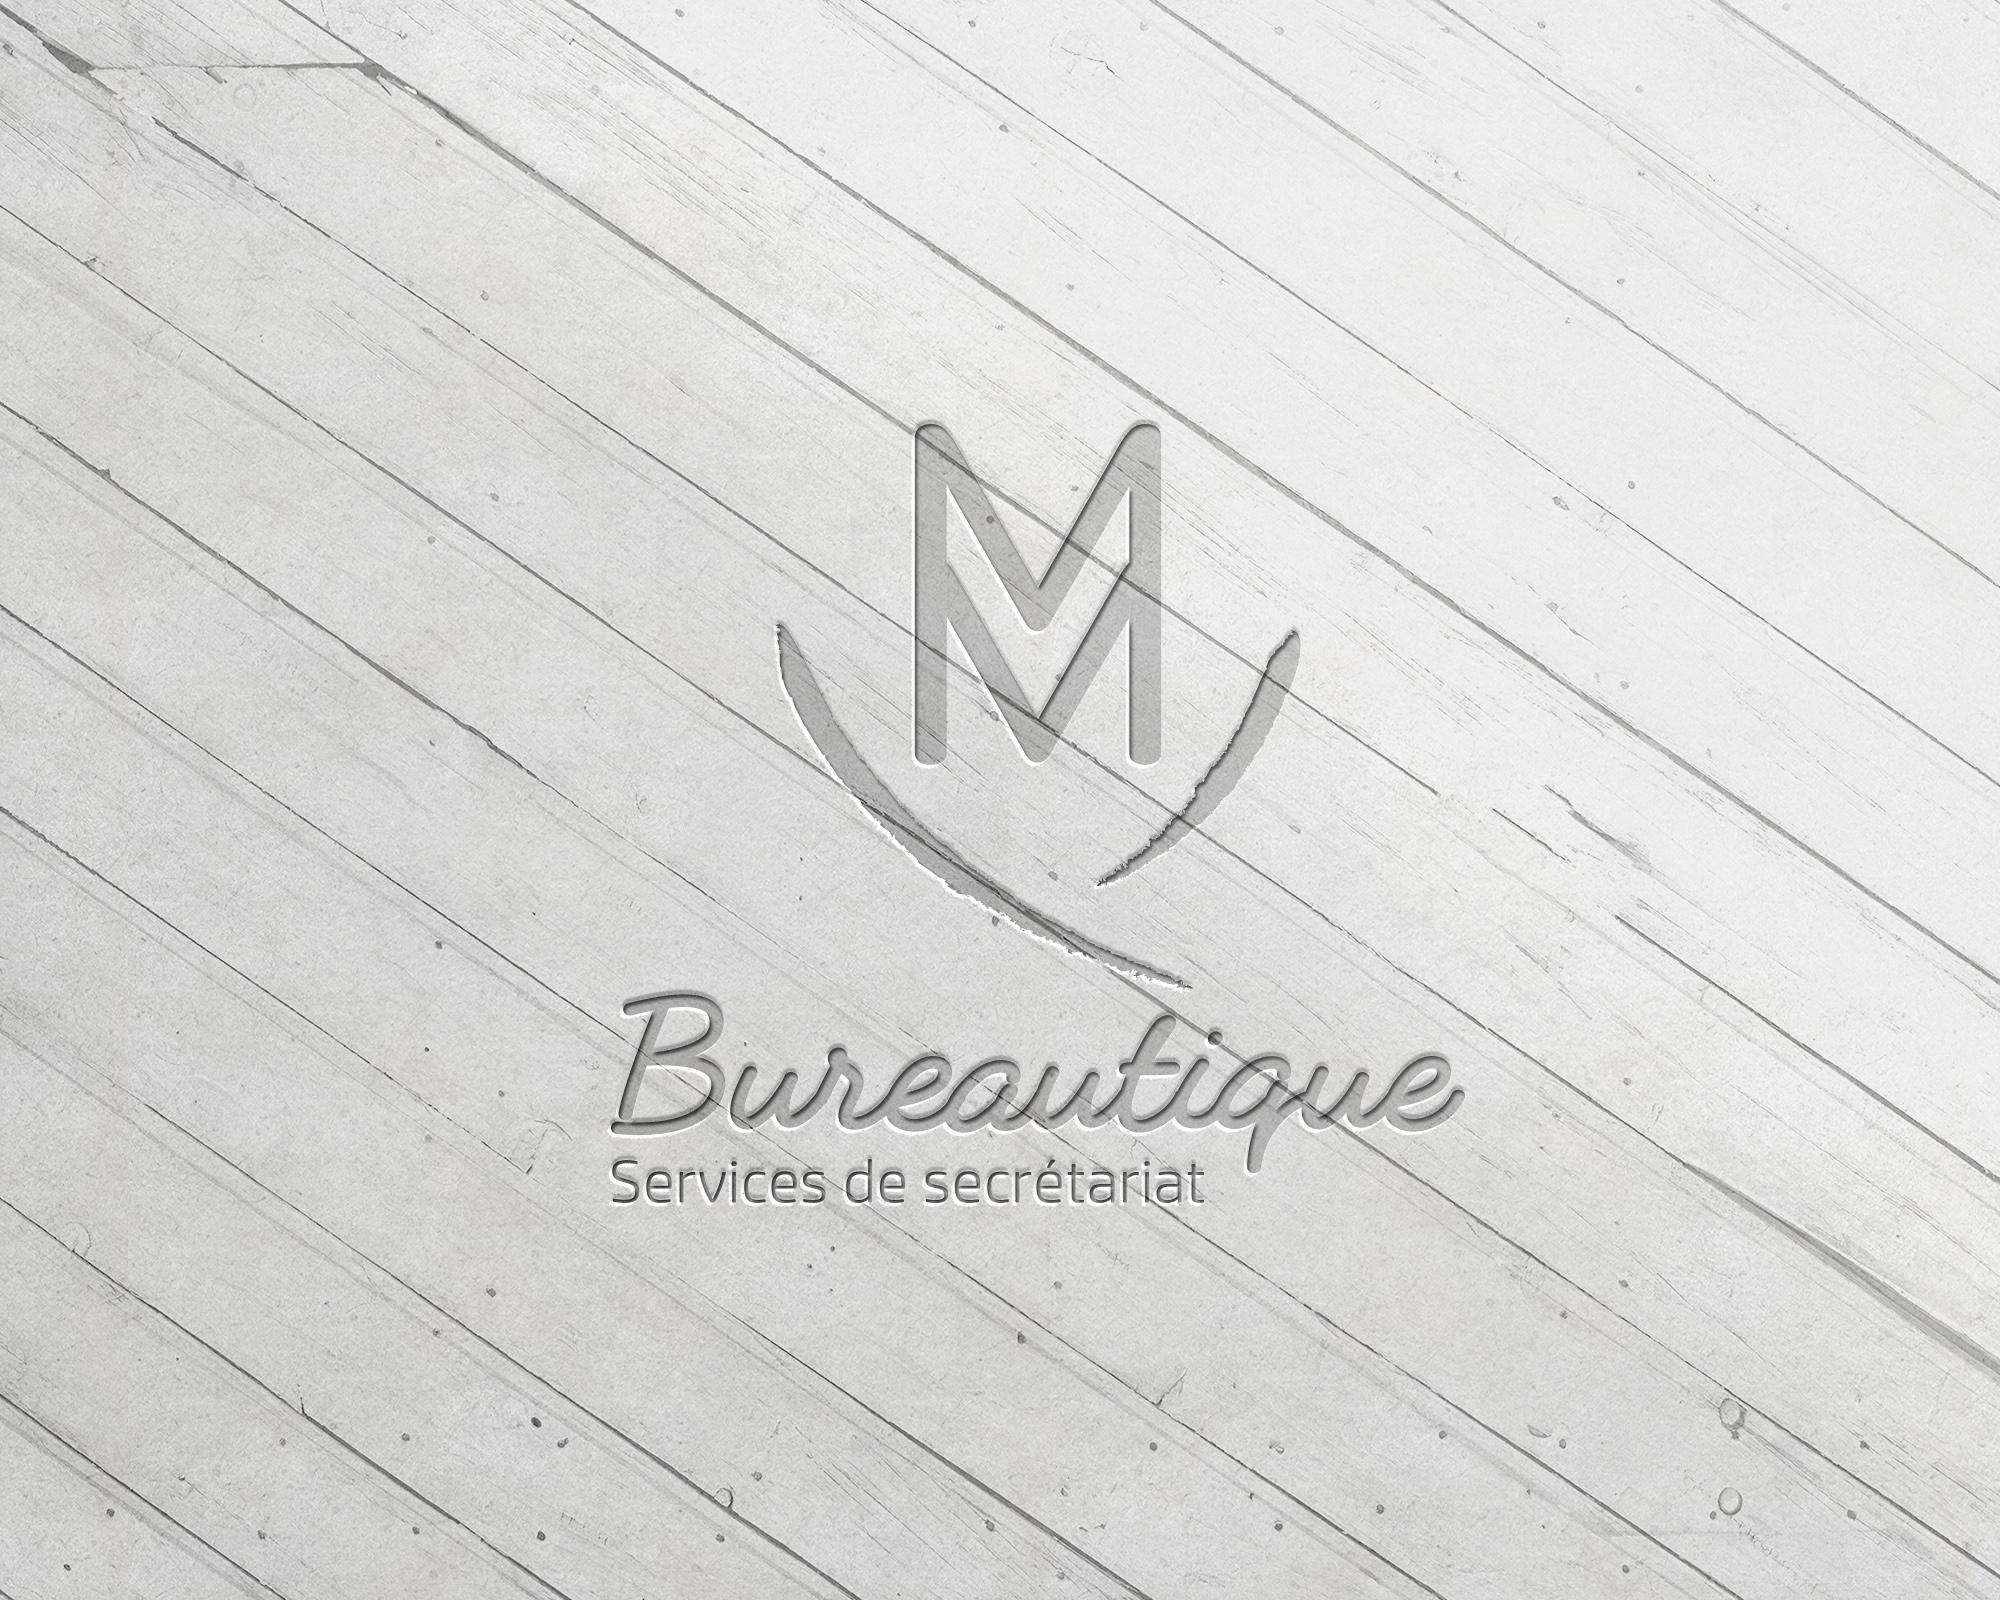 MM Bureautique